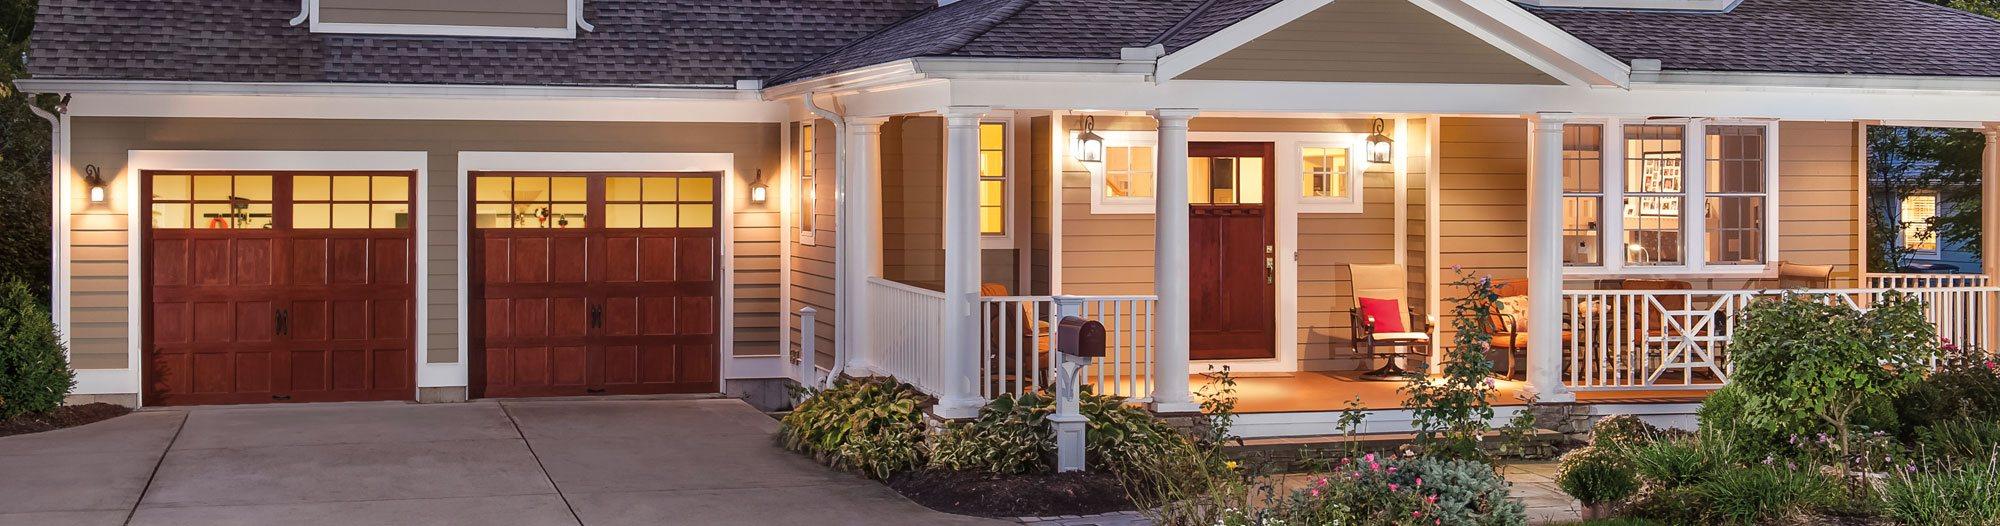 Beau Oregon City Garage Door